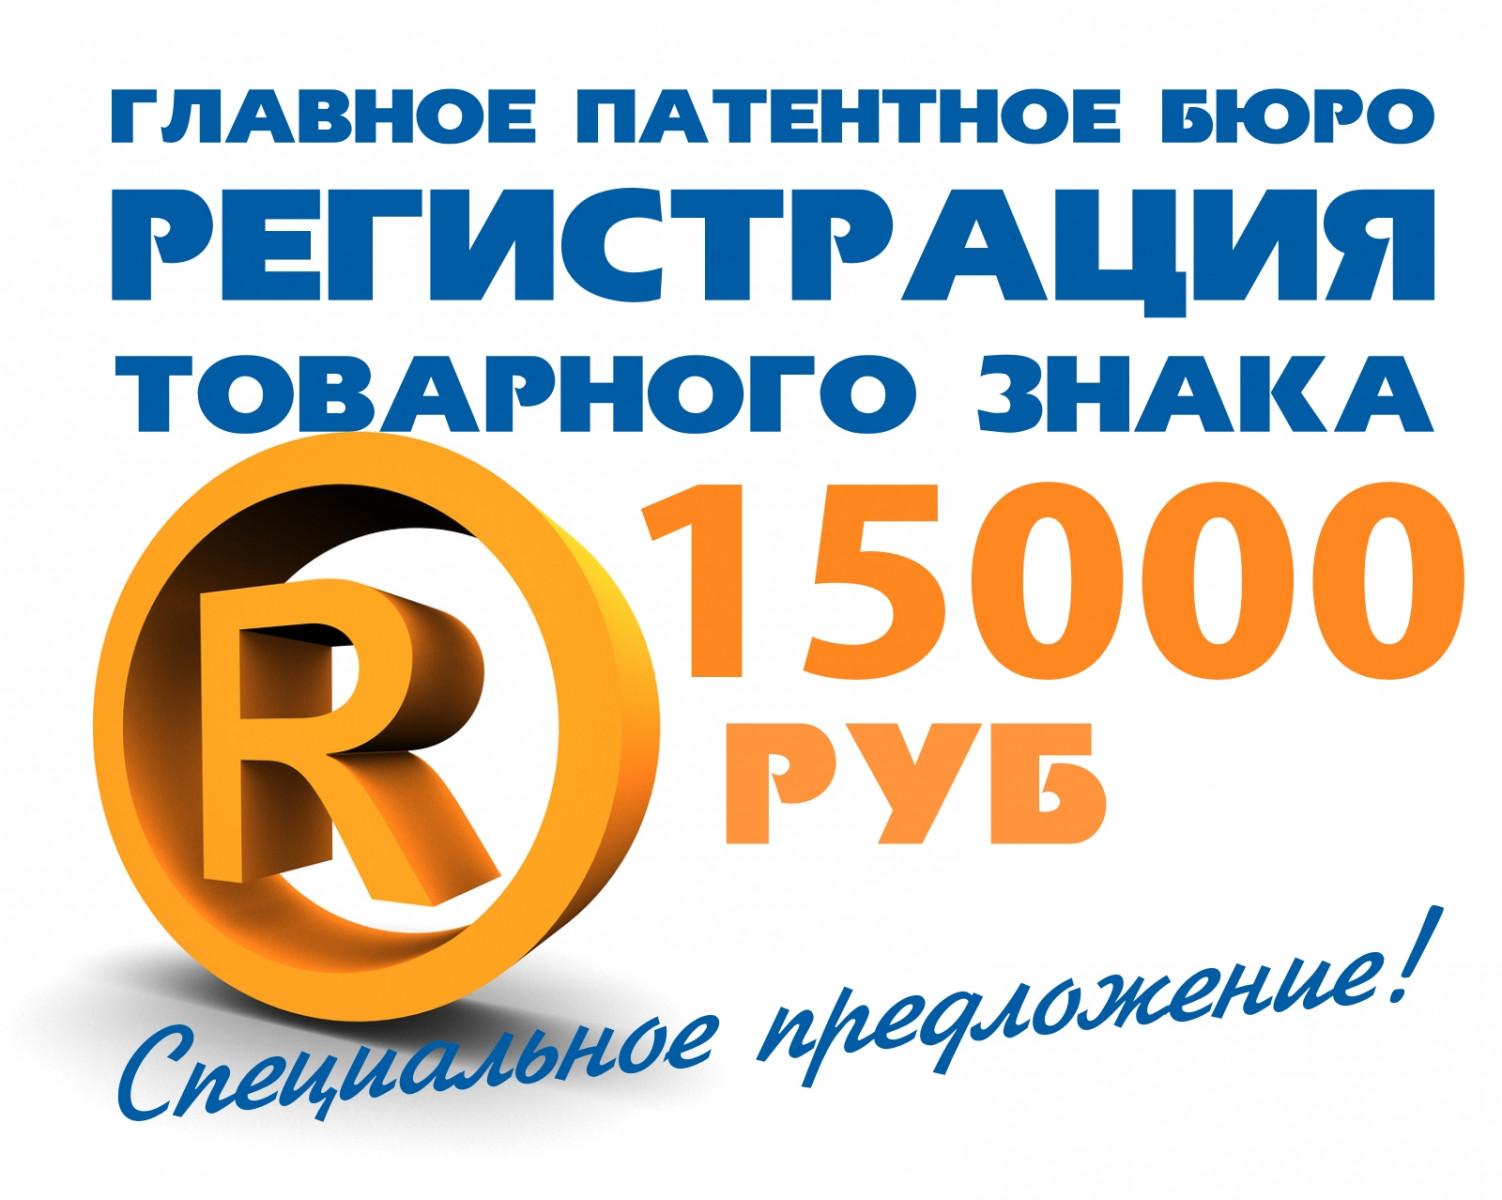 Акция! Регистрация товарного знака в Главном патентном бюро — 15000 рублей